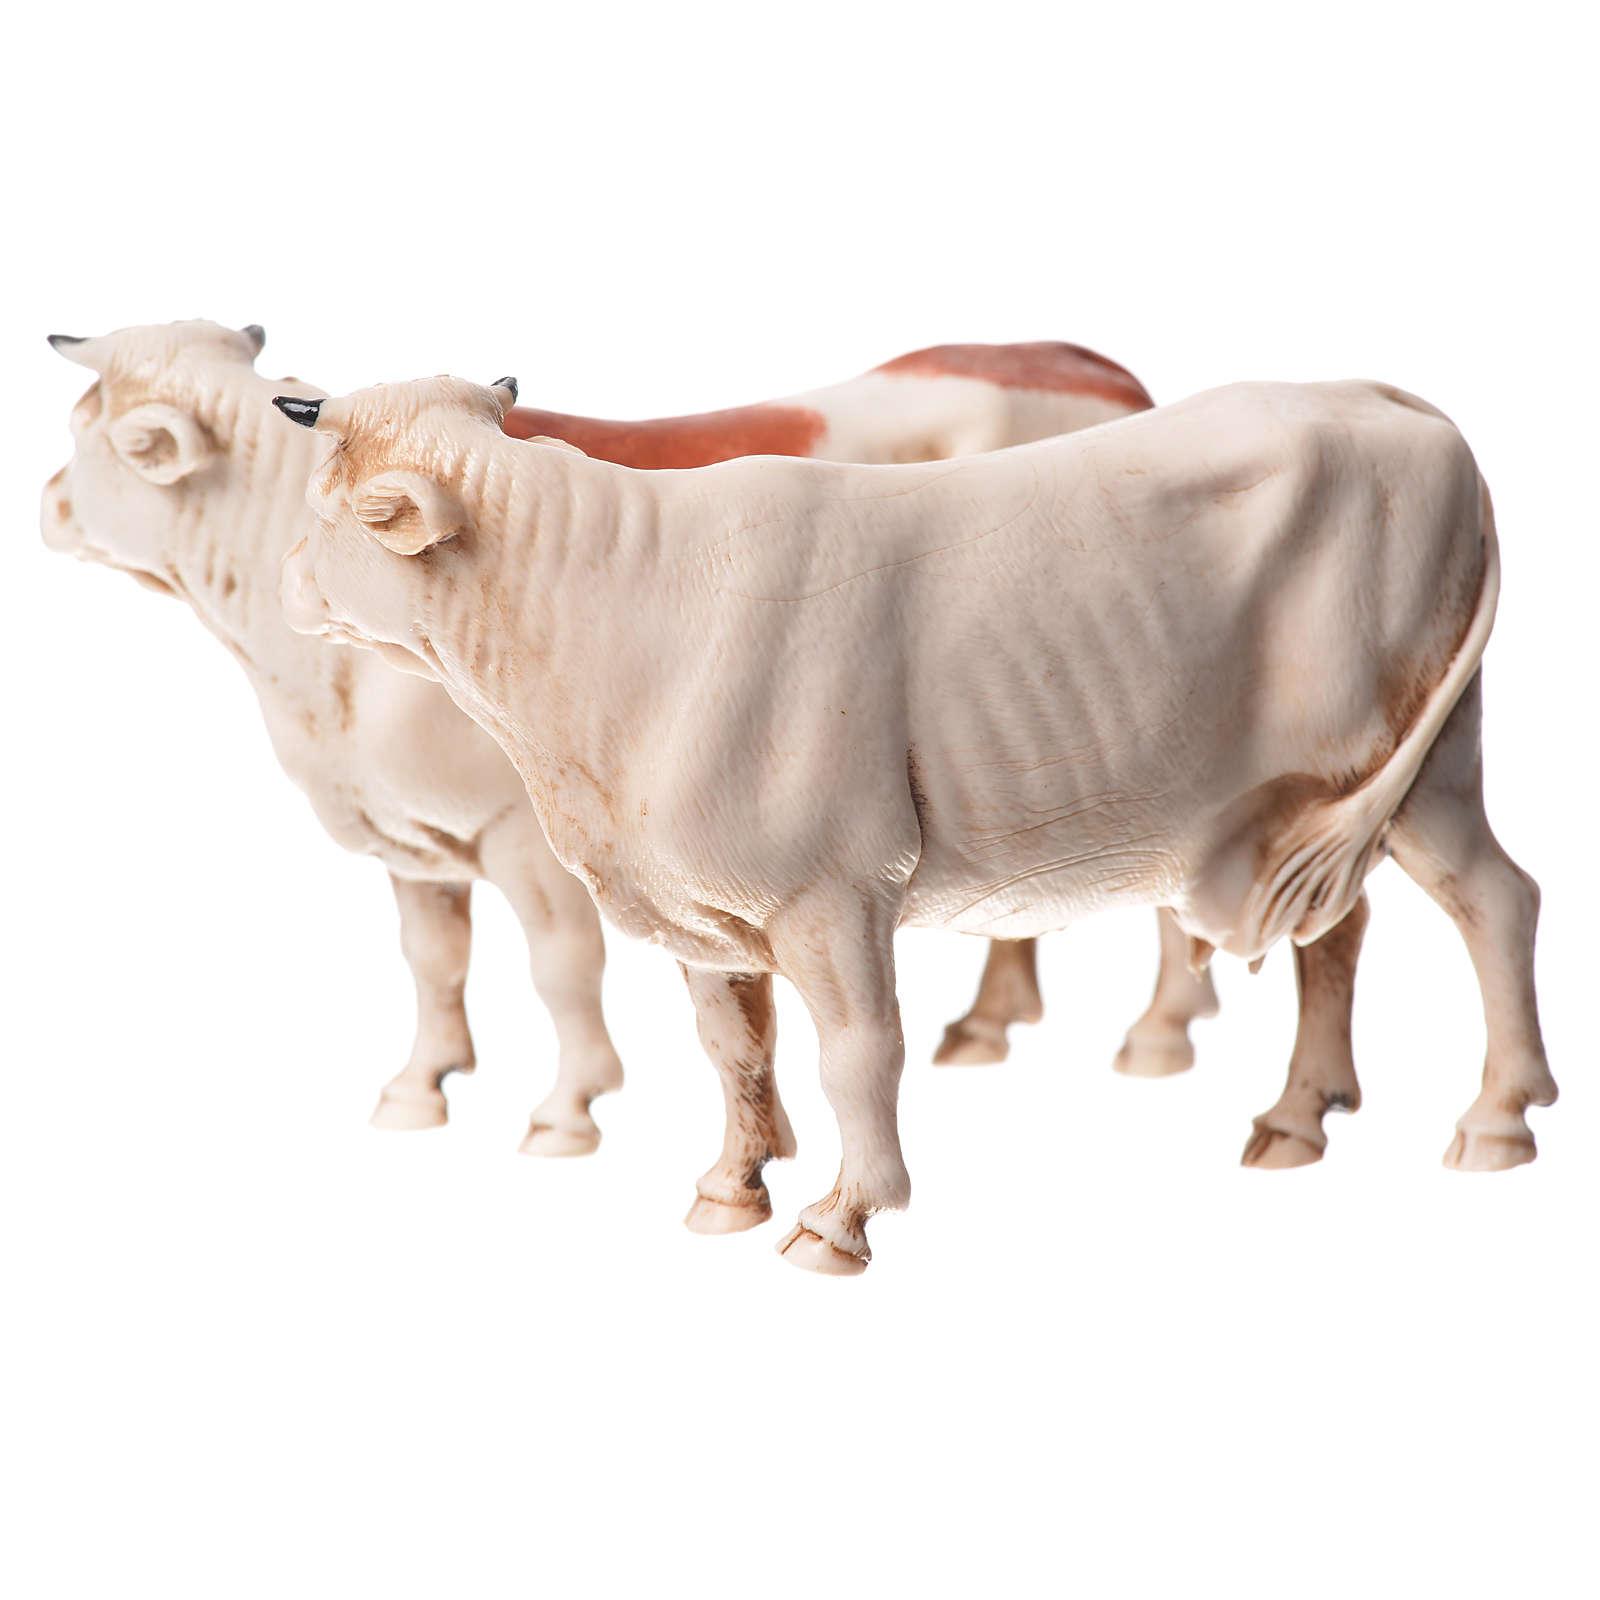 Krowy różne 2 szt. Moranduzzo 10 cm 4